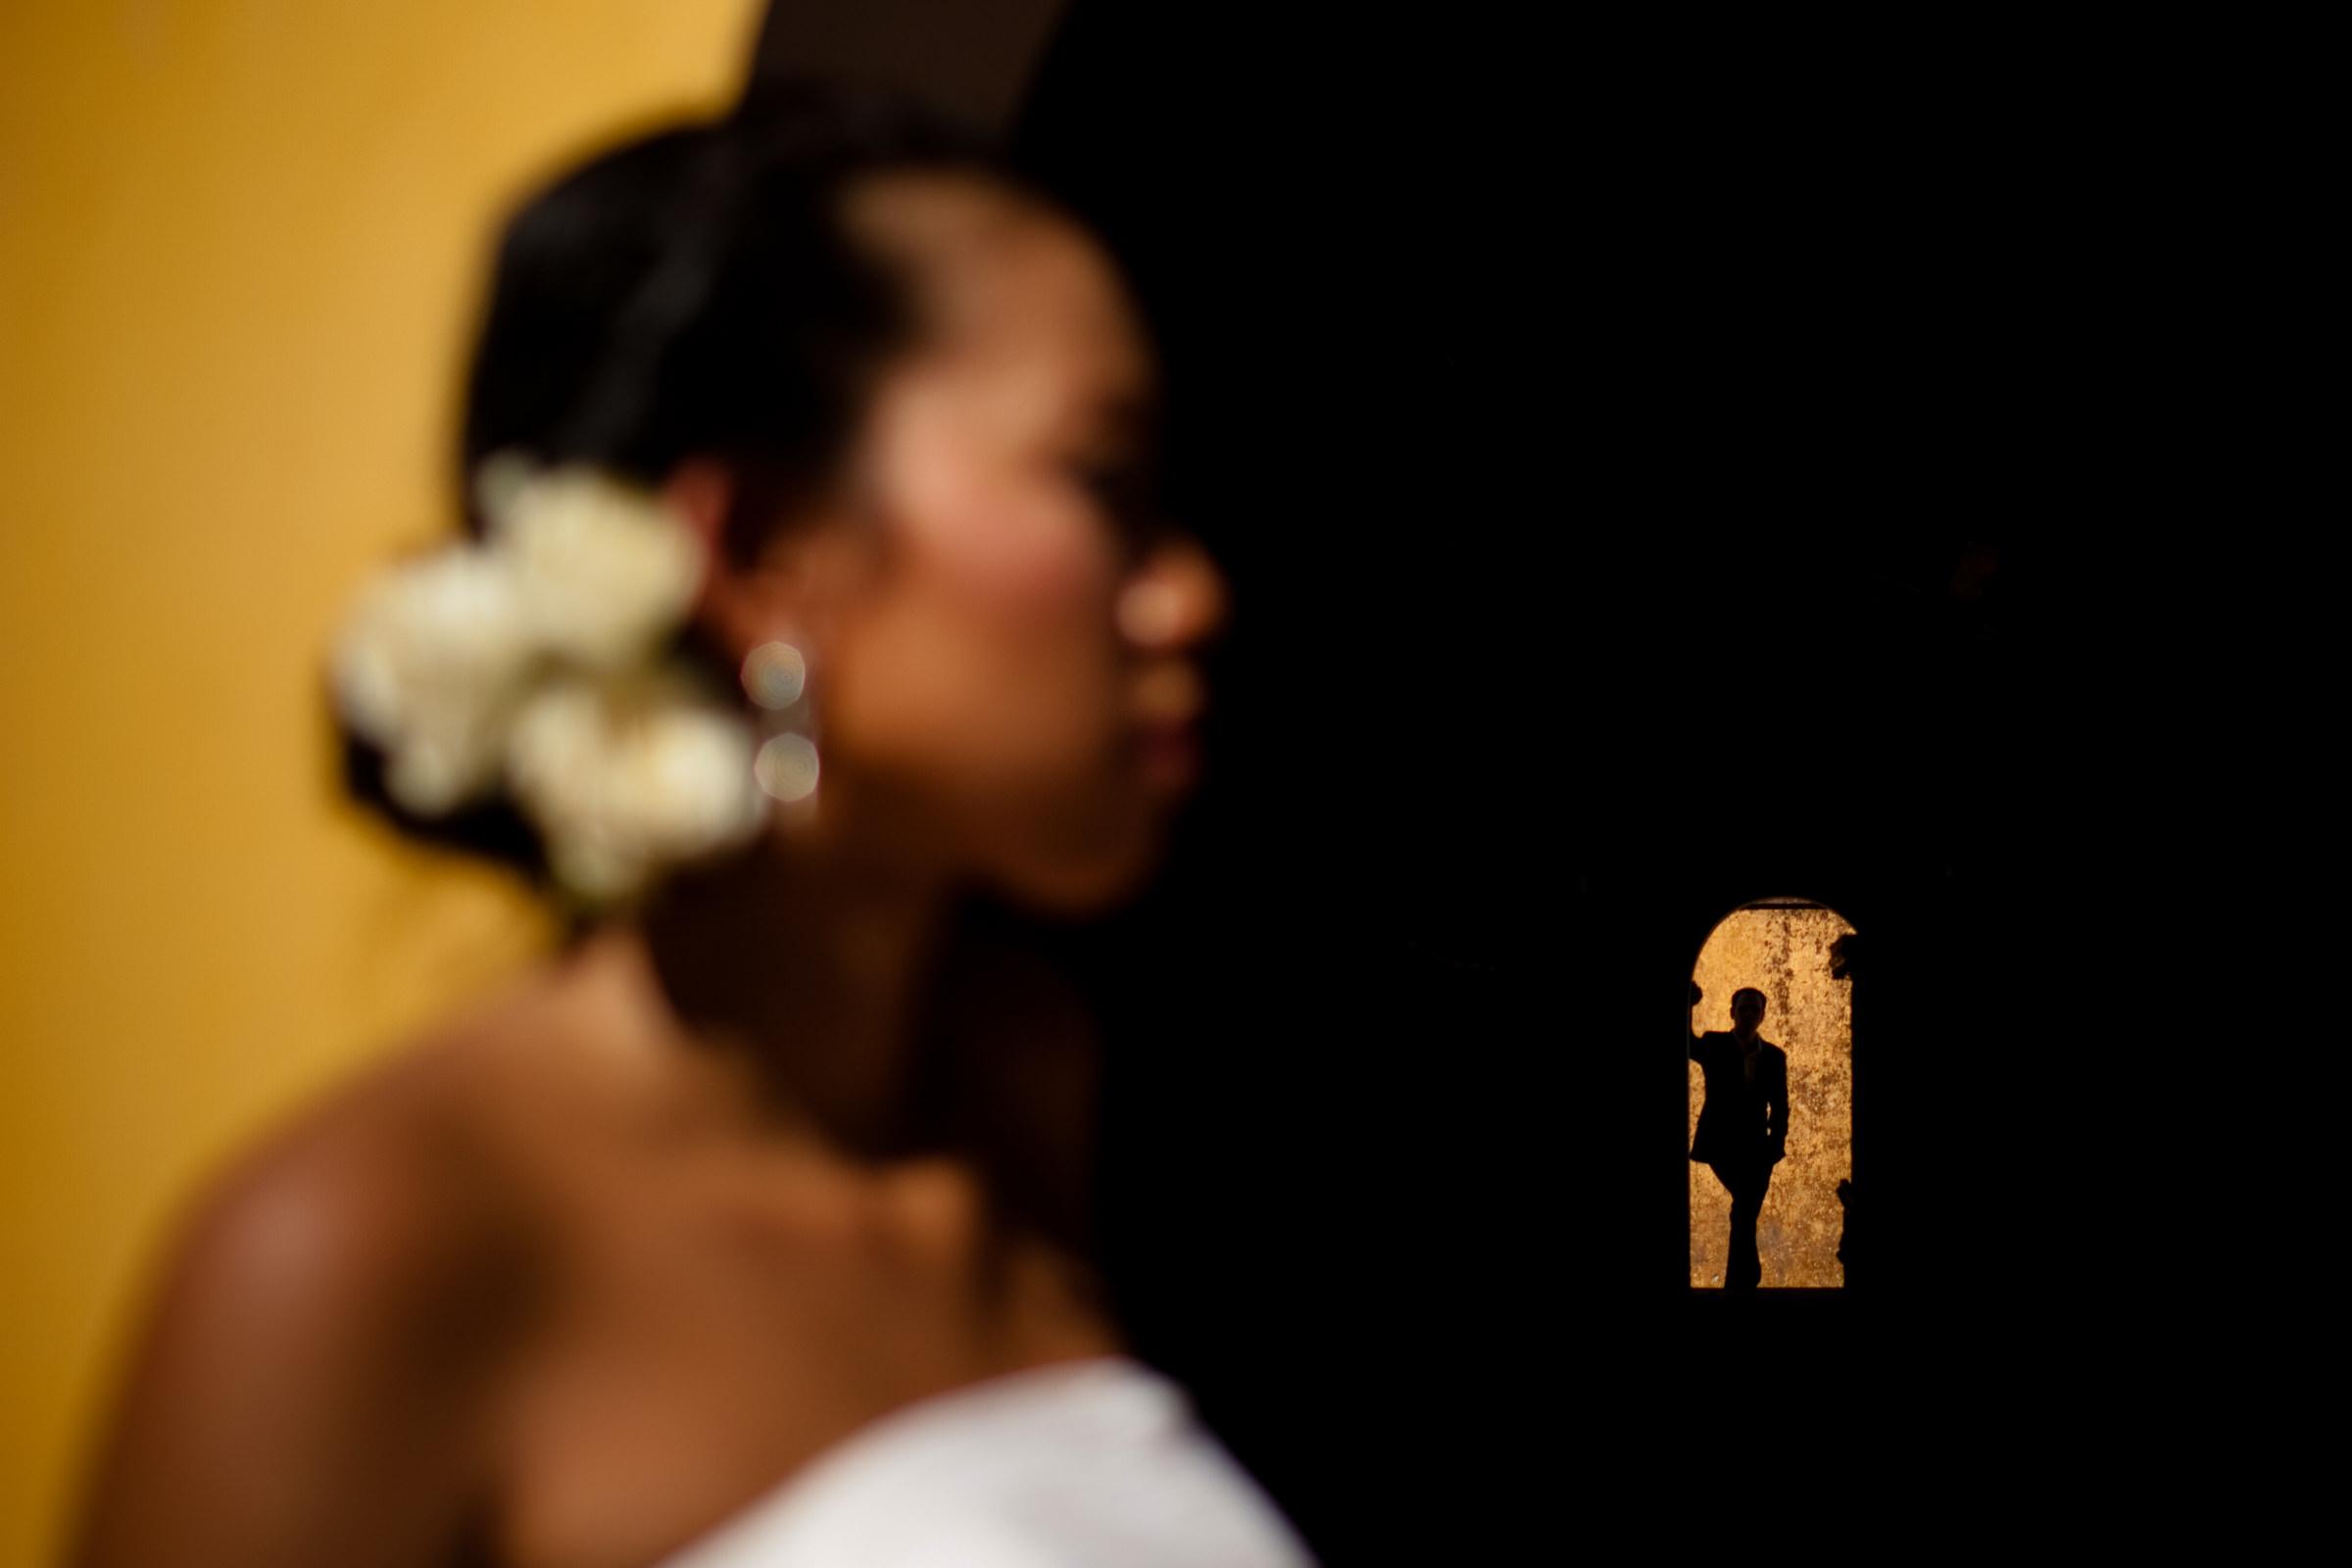 Bride against silhouette groom in doorway - Photo by Wainwright Weddings